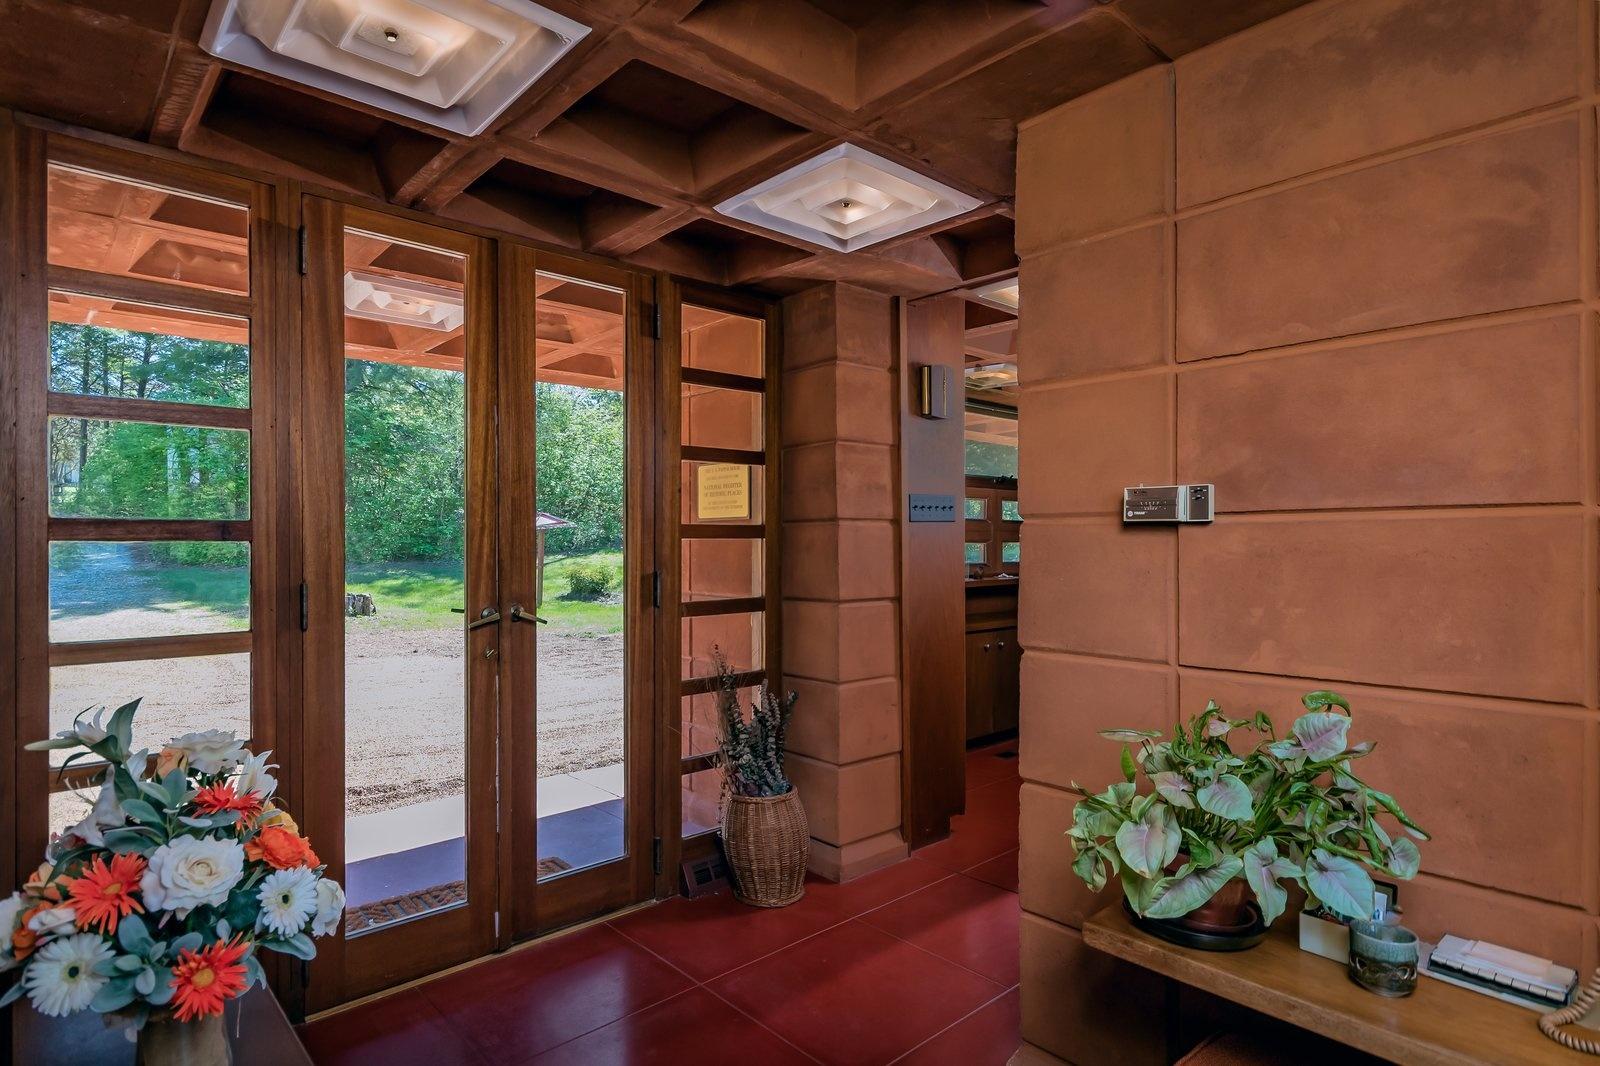 В Сент-Луисе продается дом по проекту Фрэнка Ллойда Райта (галерея 11, фото 1)